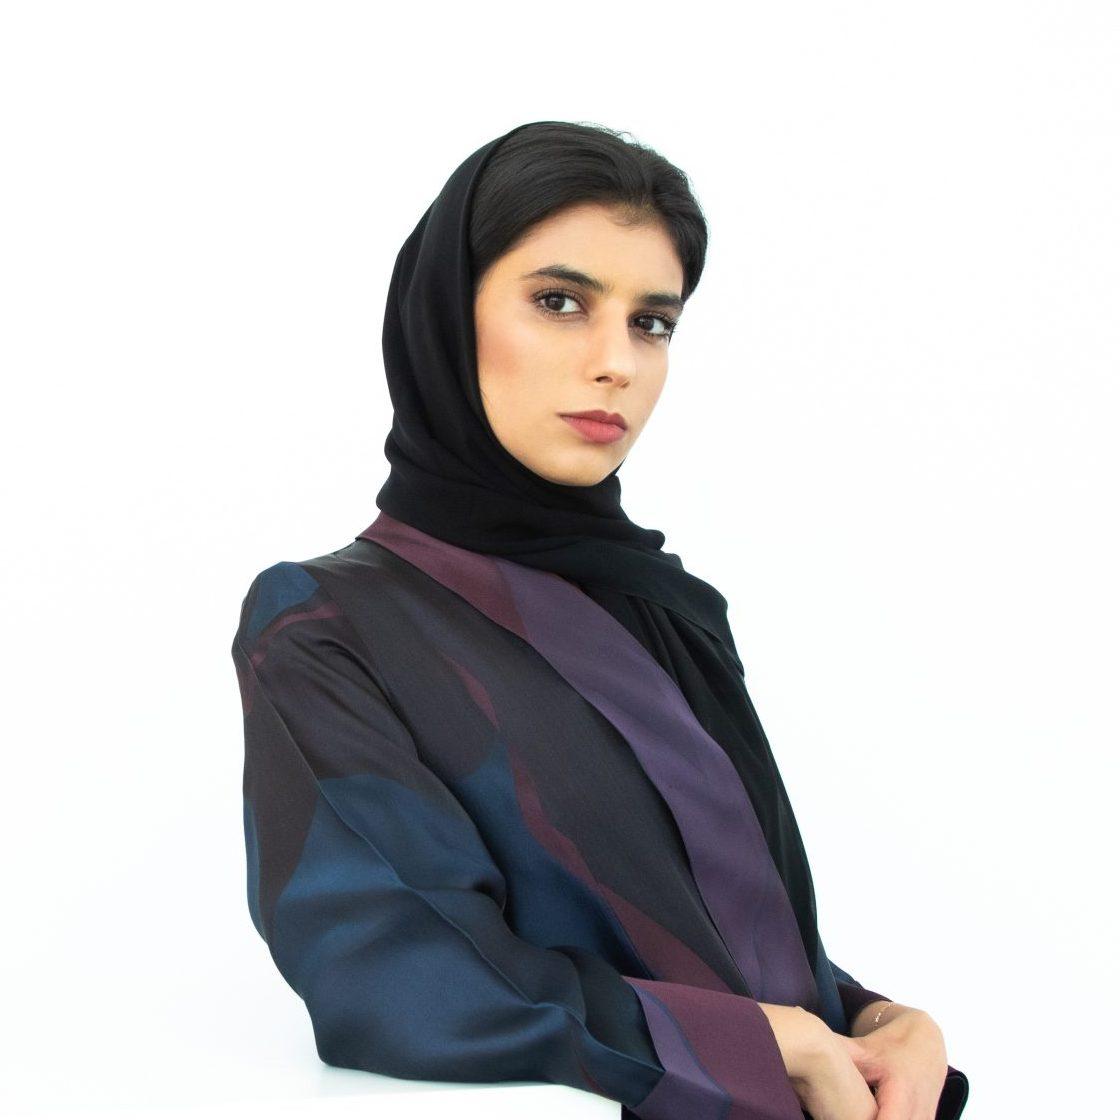 Fatma Al Mahmoud